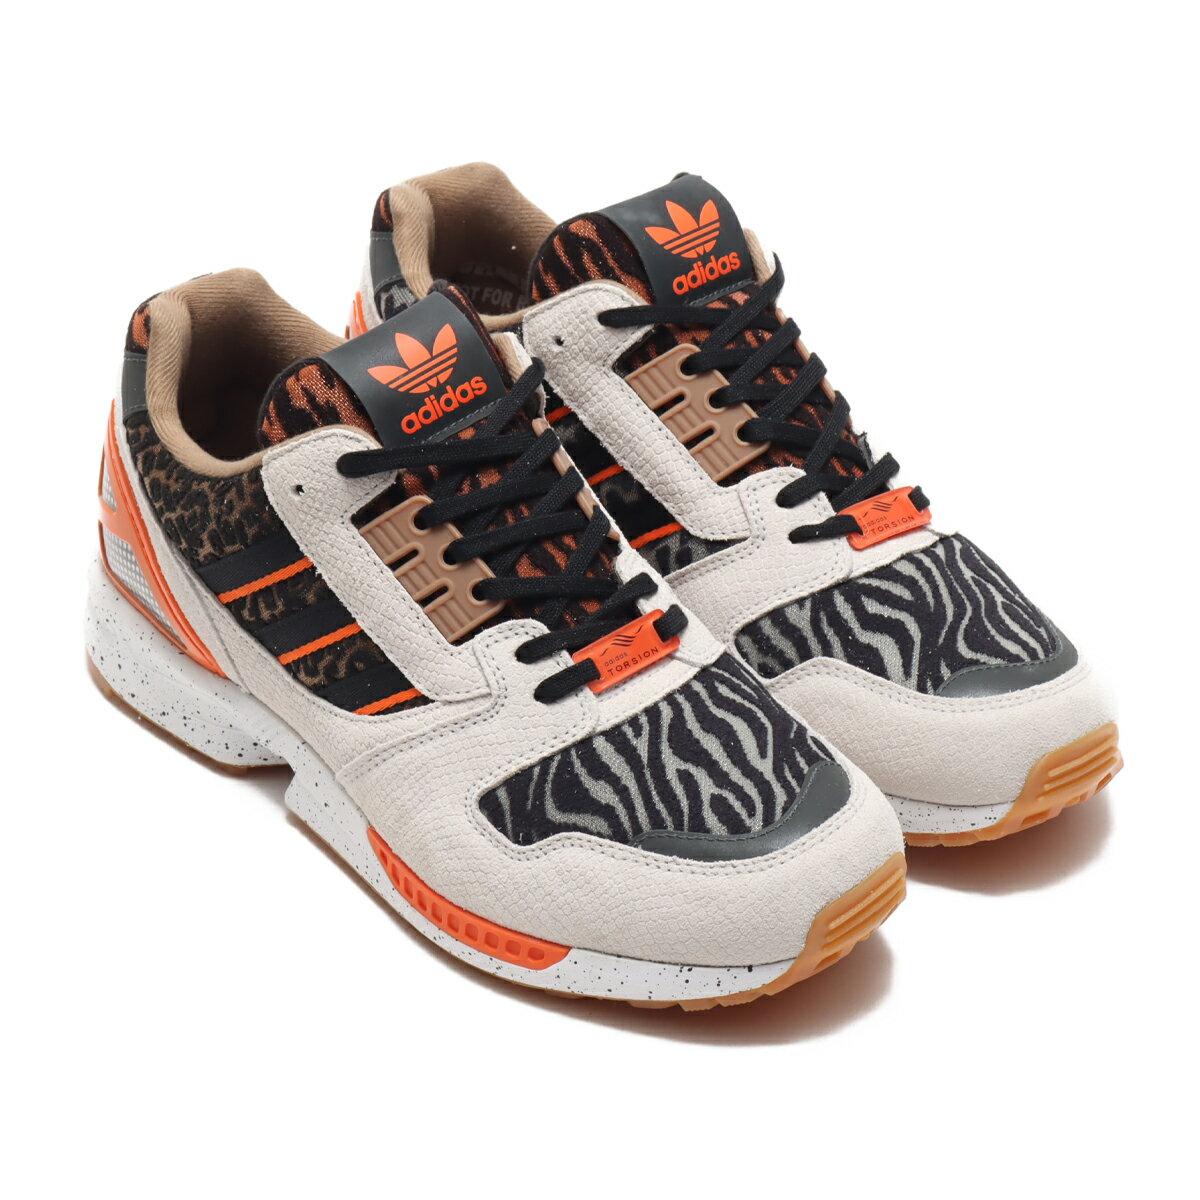 メンズ靴, スニーカー adidas ZX 8000 ATMOS( ZX 8000 )CORE BLACKCRYSTAL WHITEORANGE 20FW-S atp21ssl